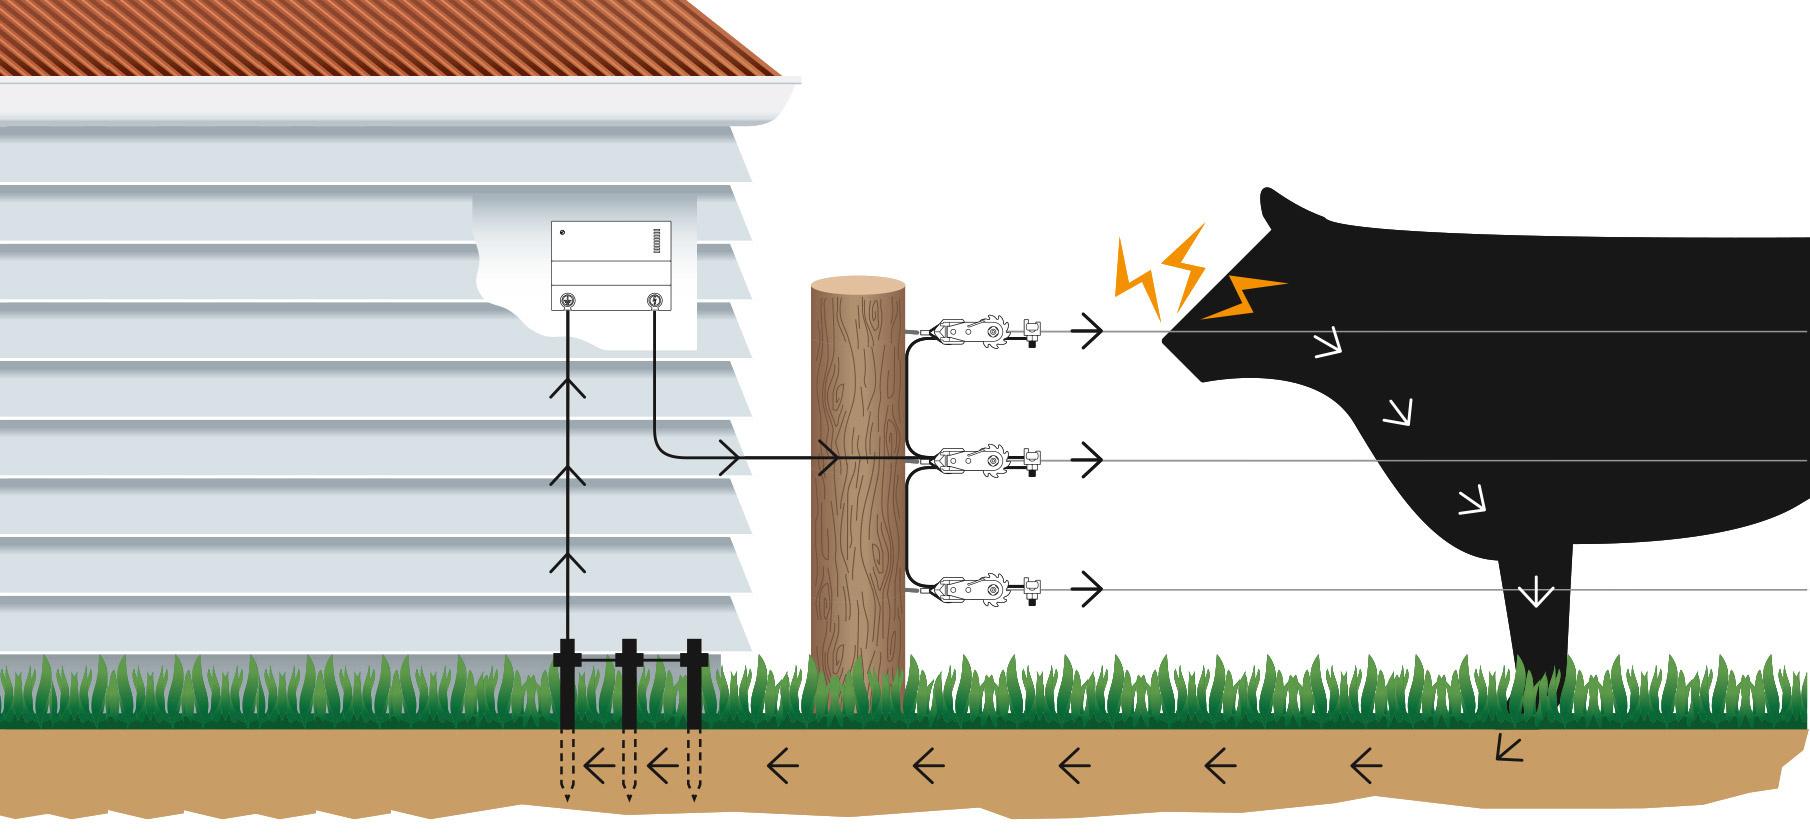 Wie funktioniert ein elektrischer Weidezaun?